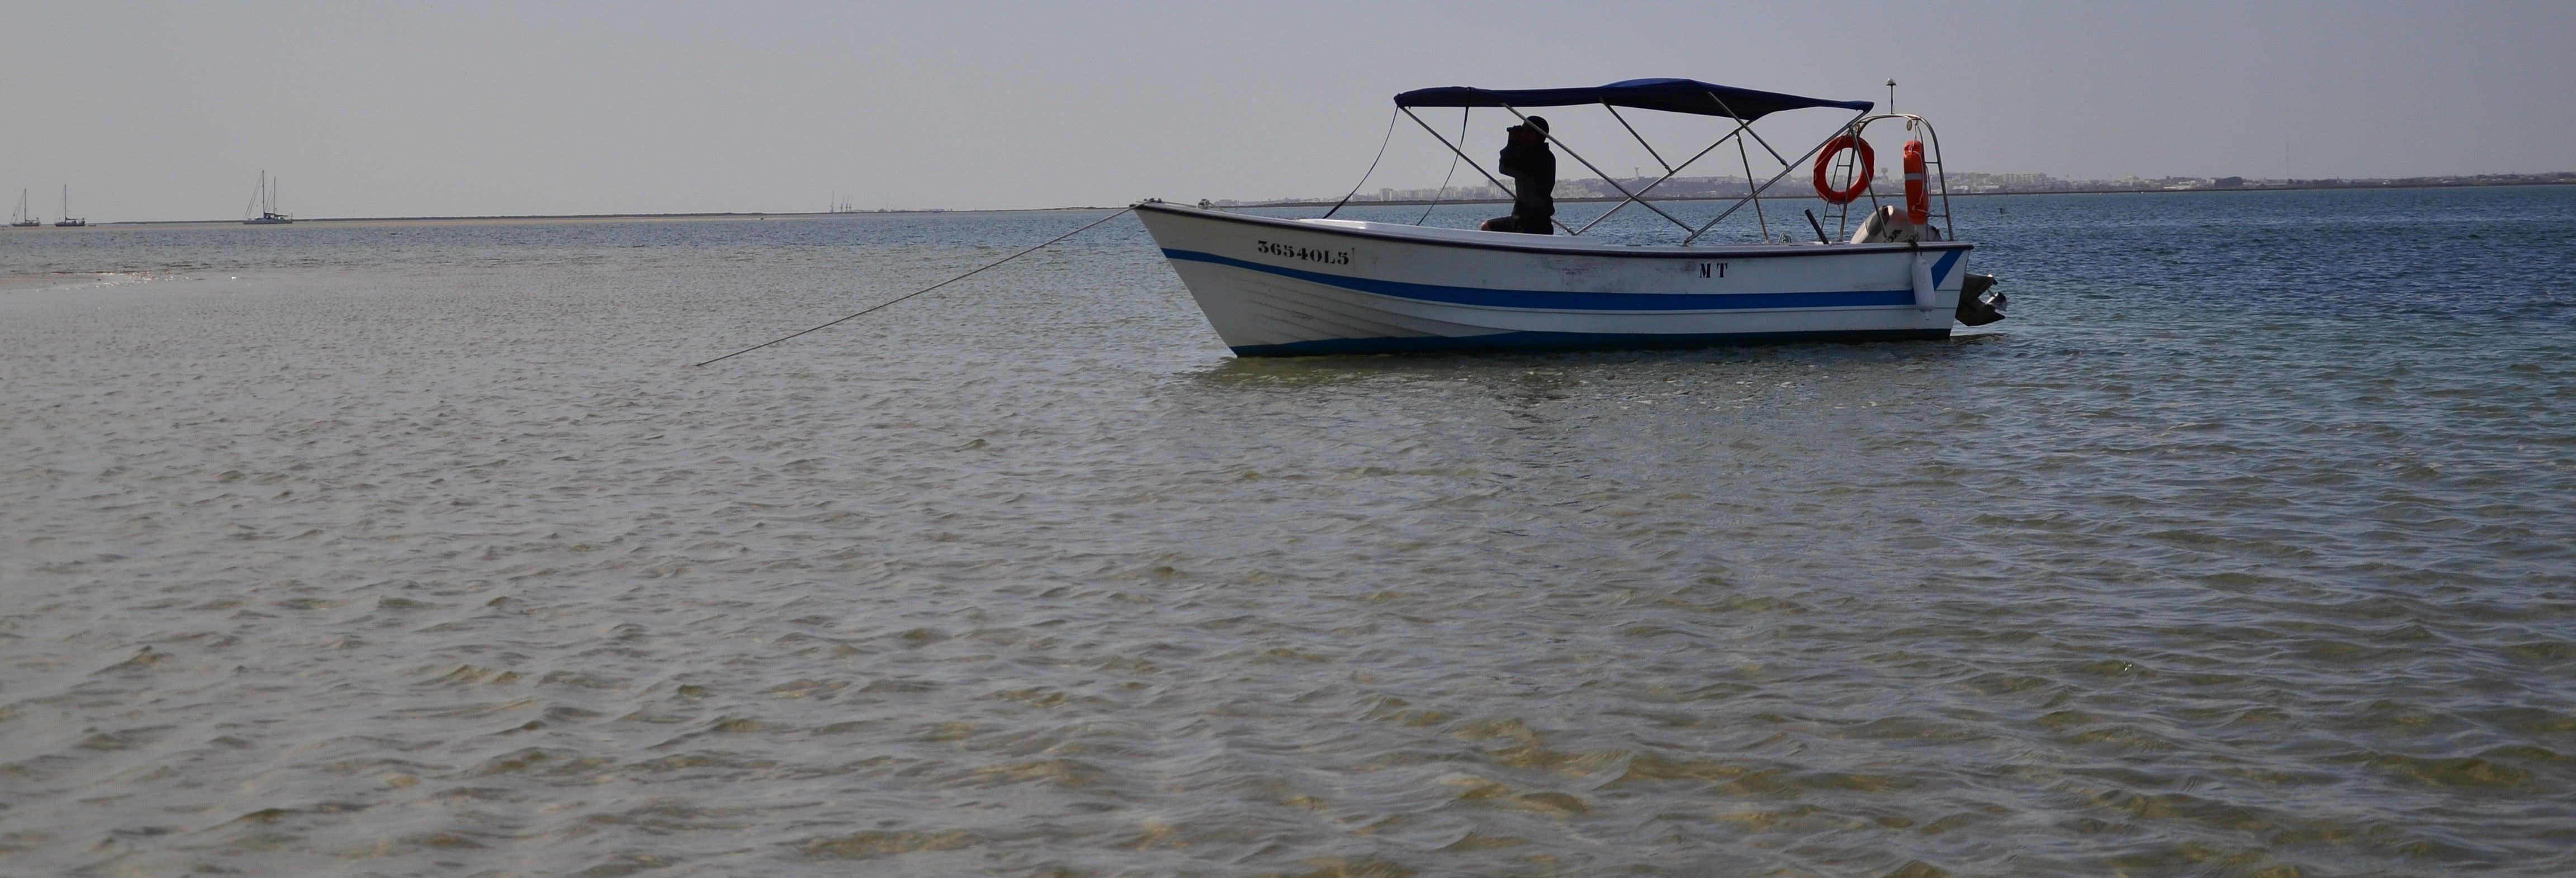 Tour pelas ilhas da Ria Formosa + Snorkel